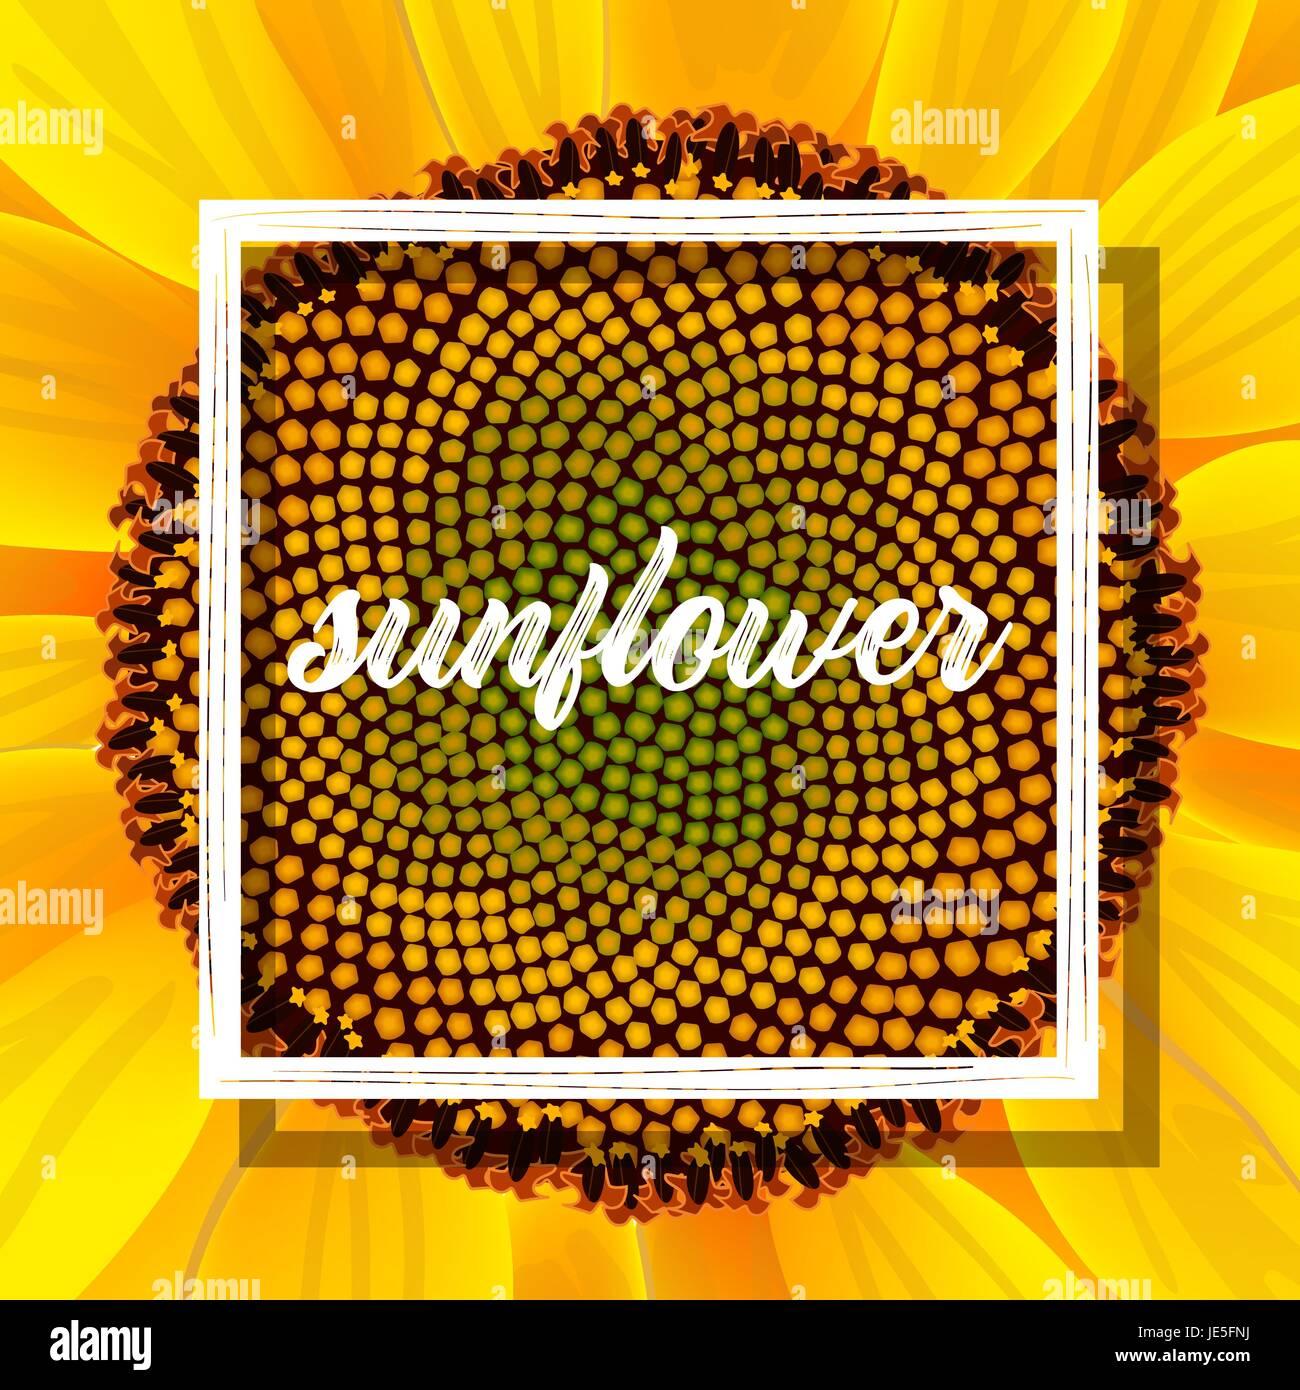 Sunflower Vectors Stockfotos & Sunflower Vectors Bilder - Alamy